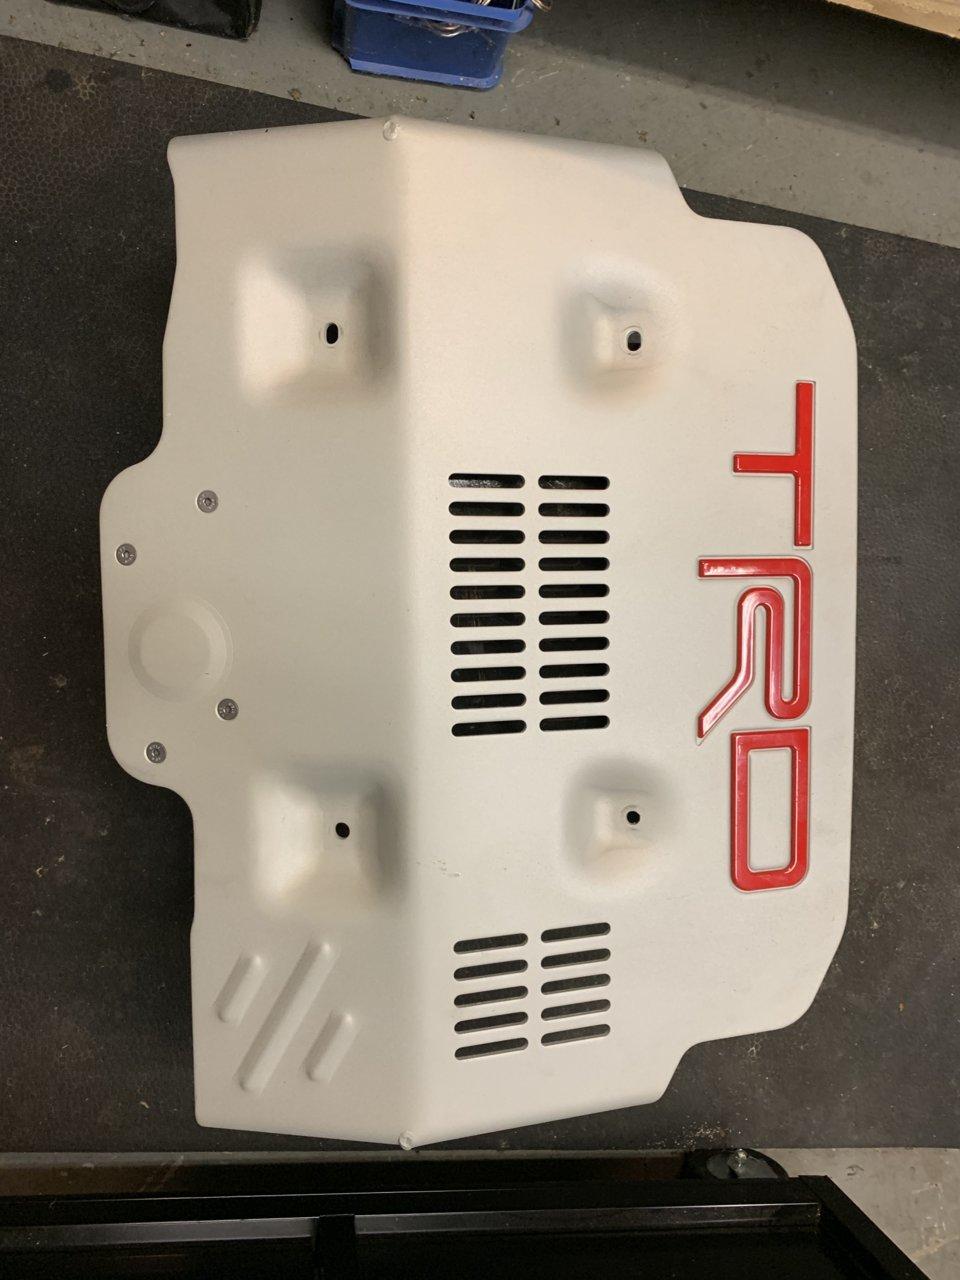 3D2BAE89-EB9D-4EB6-B9ED-0E1EC9C50A15.jpg